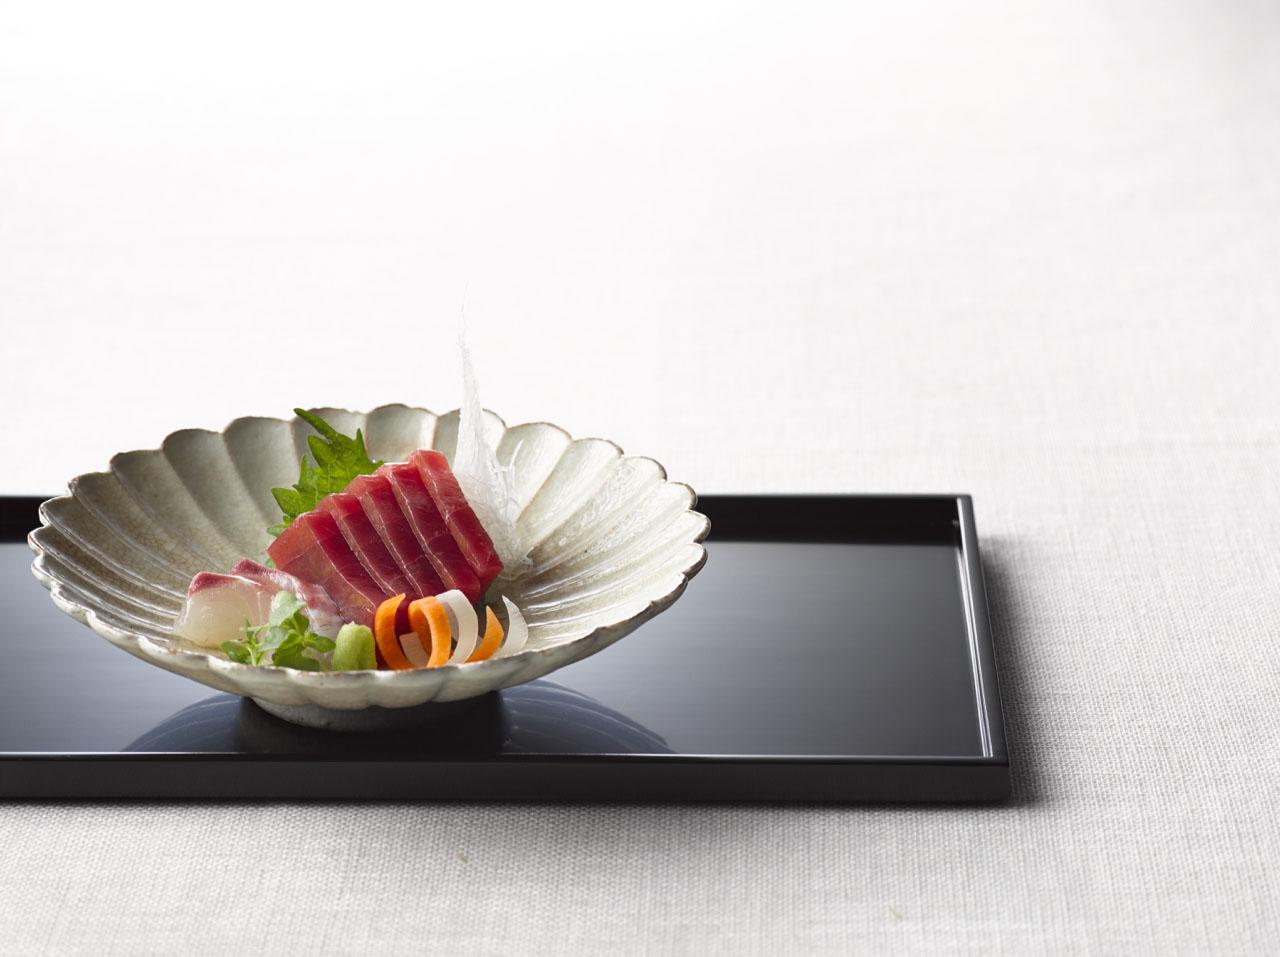 Sashimi, com o corte hirazukuri, preparado pelo chef Yanagihara